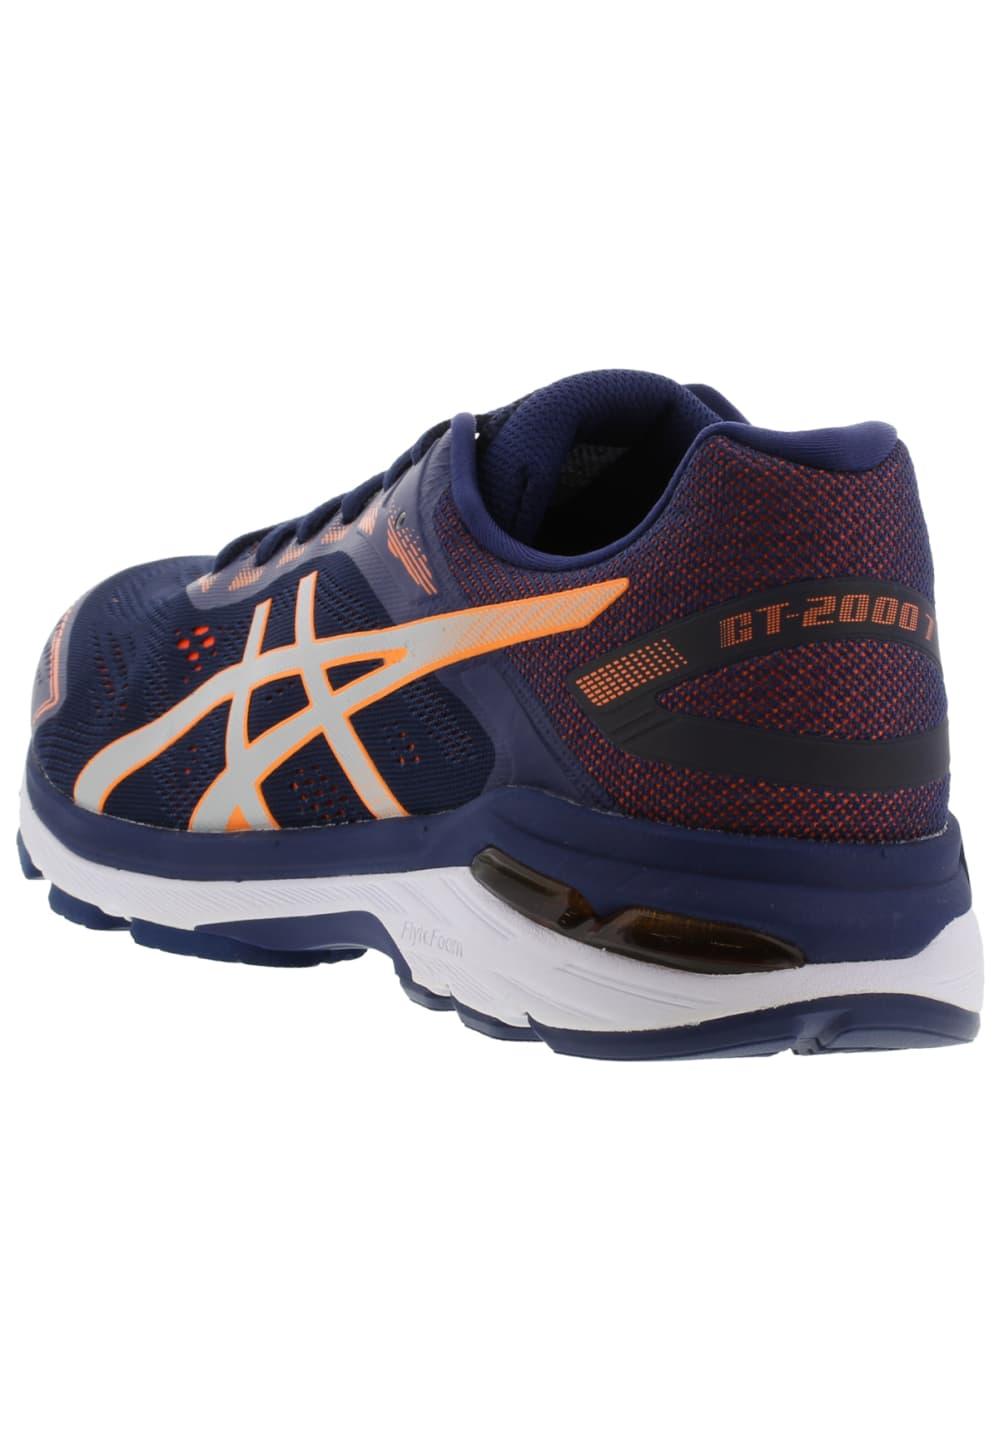 Pour Bleu Homme 7 Asics Chaussures Gt 2000 Running dBrhCsQxto